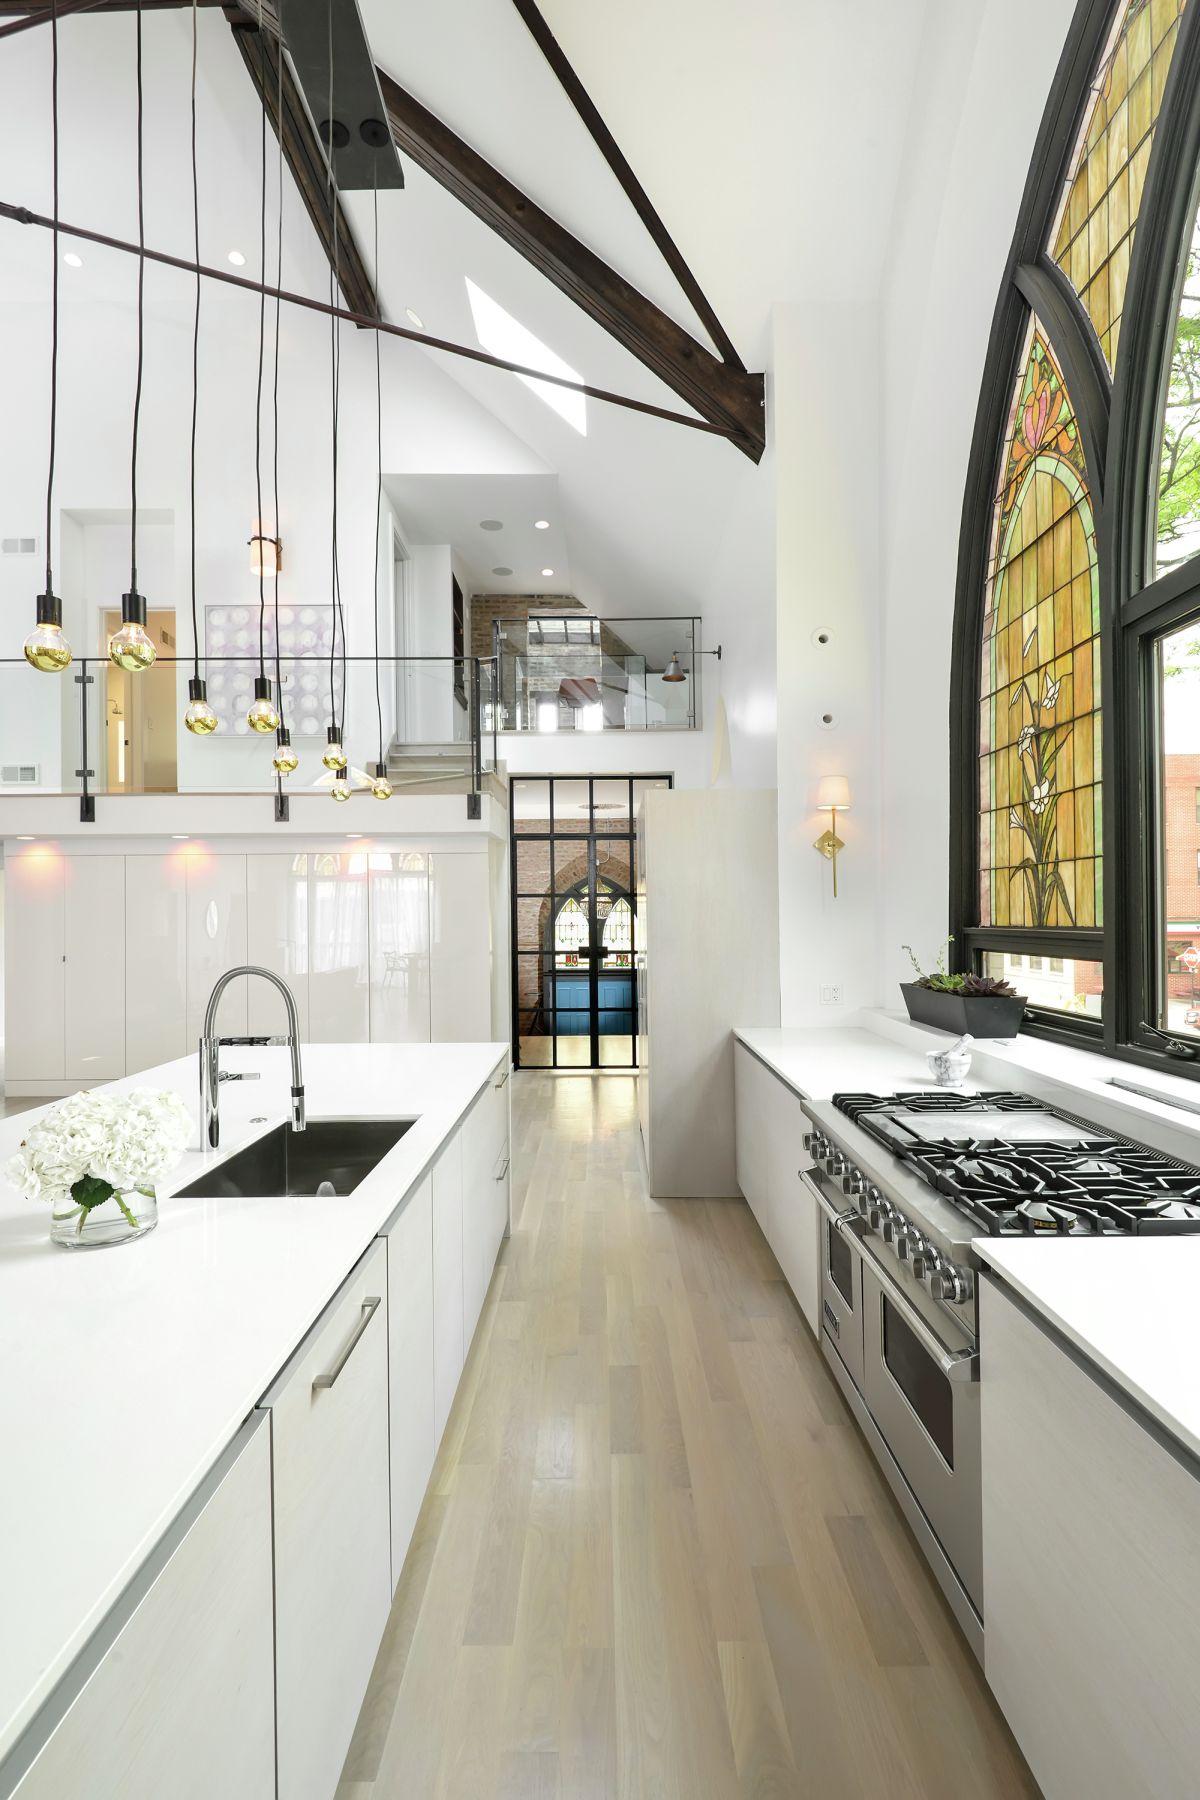 Modern white gallery kitchen in a church